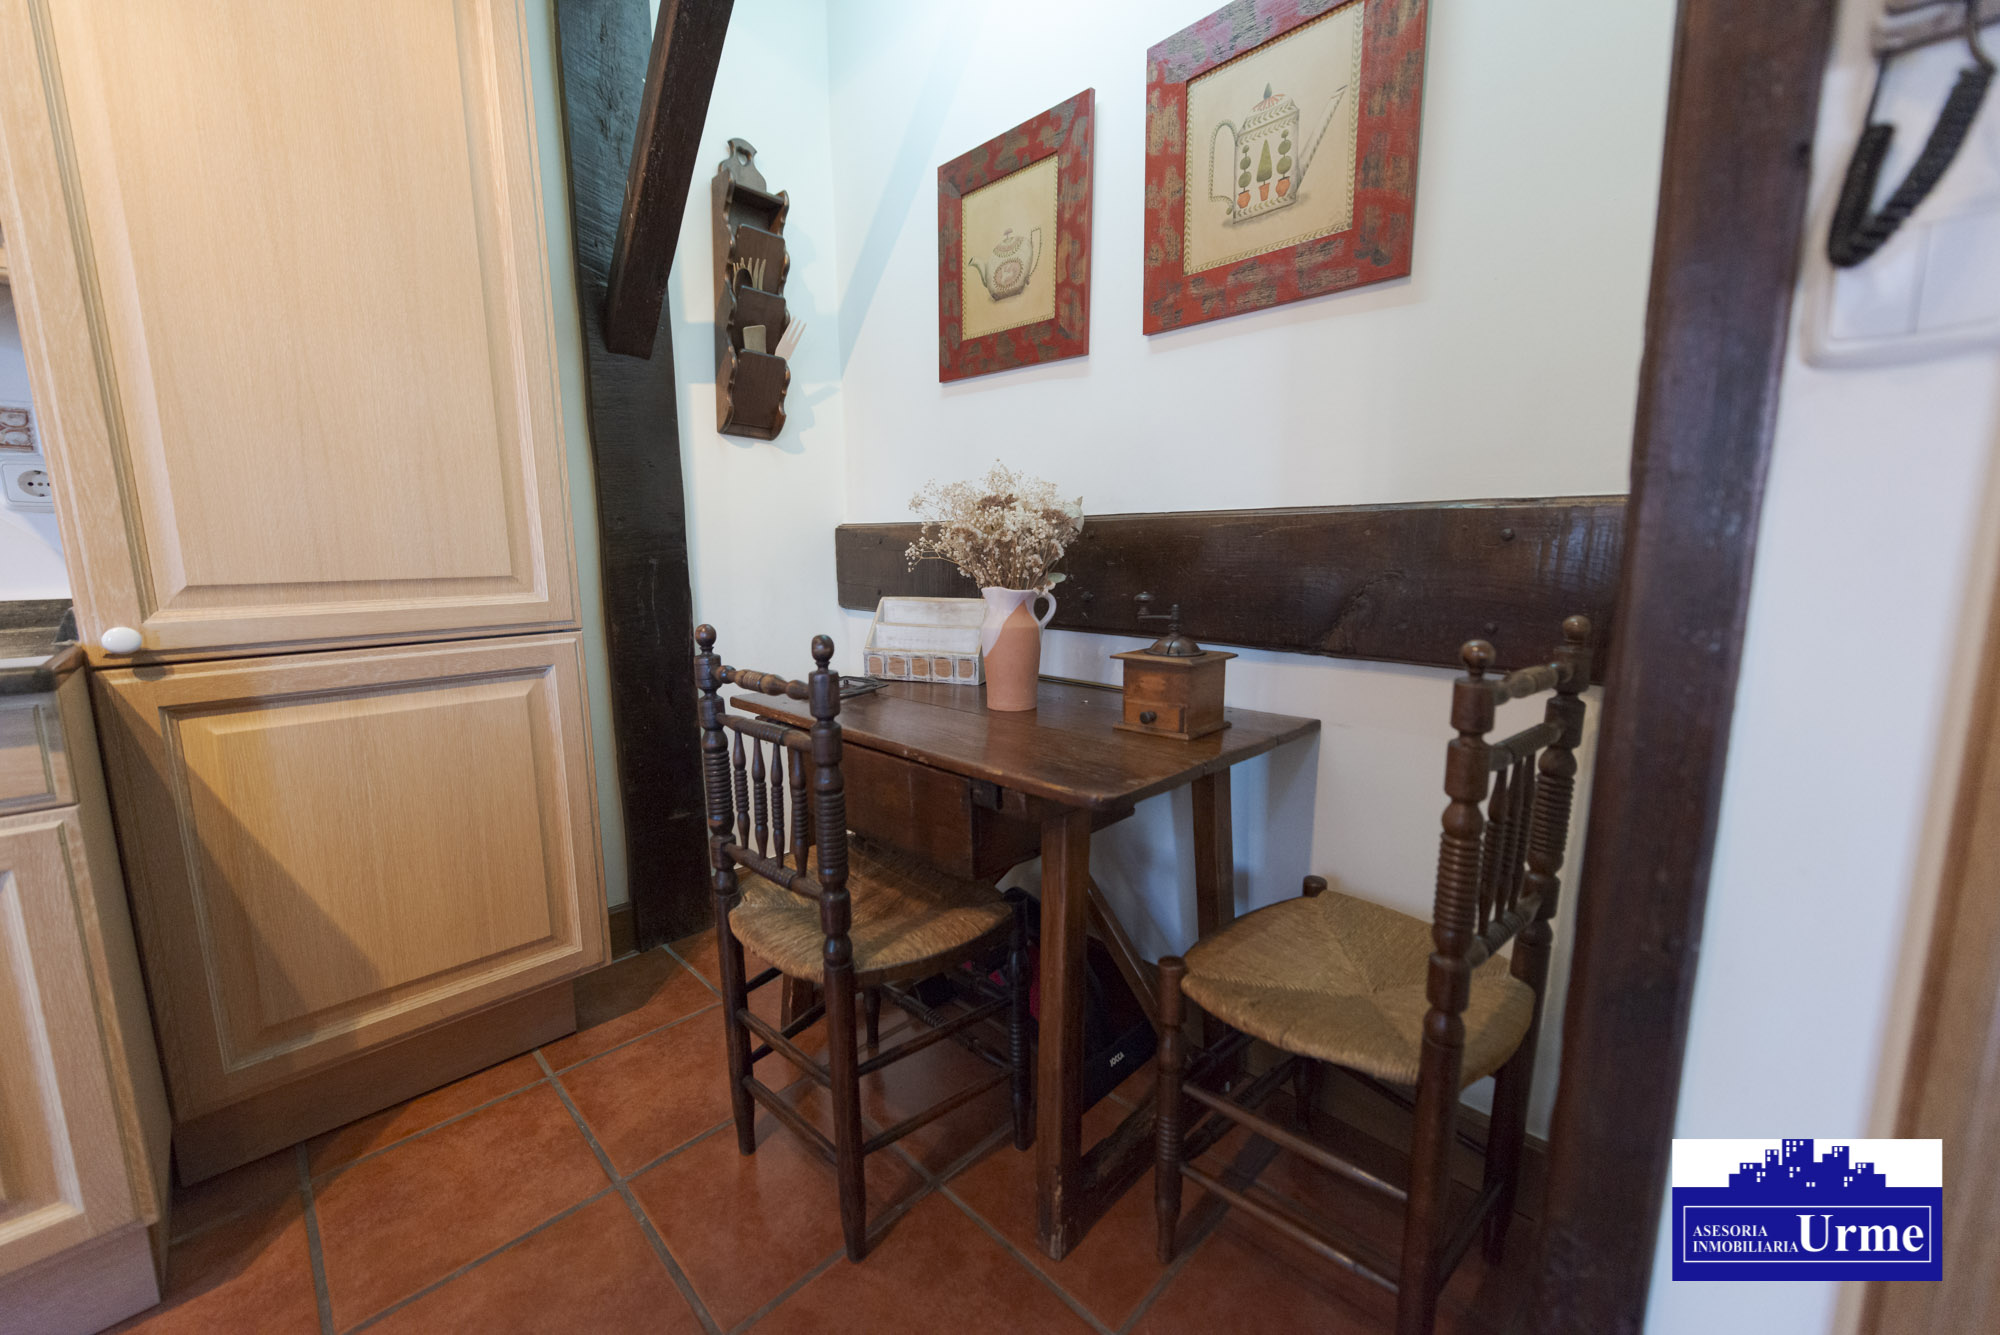 En Paseo de Colon,Sur,Pisazo ubicado en una 4º planta, grandes espacios,3/4 habitaciones,soleado, con mucha luz.Para entrar a vivir.Ven a visitarlo!!!!